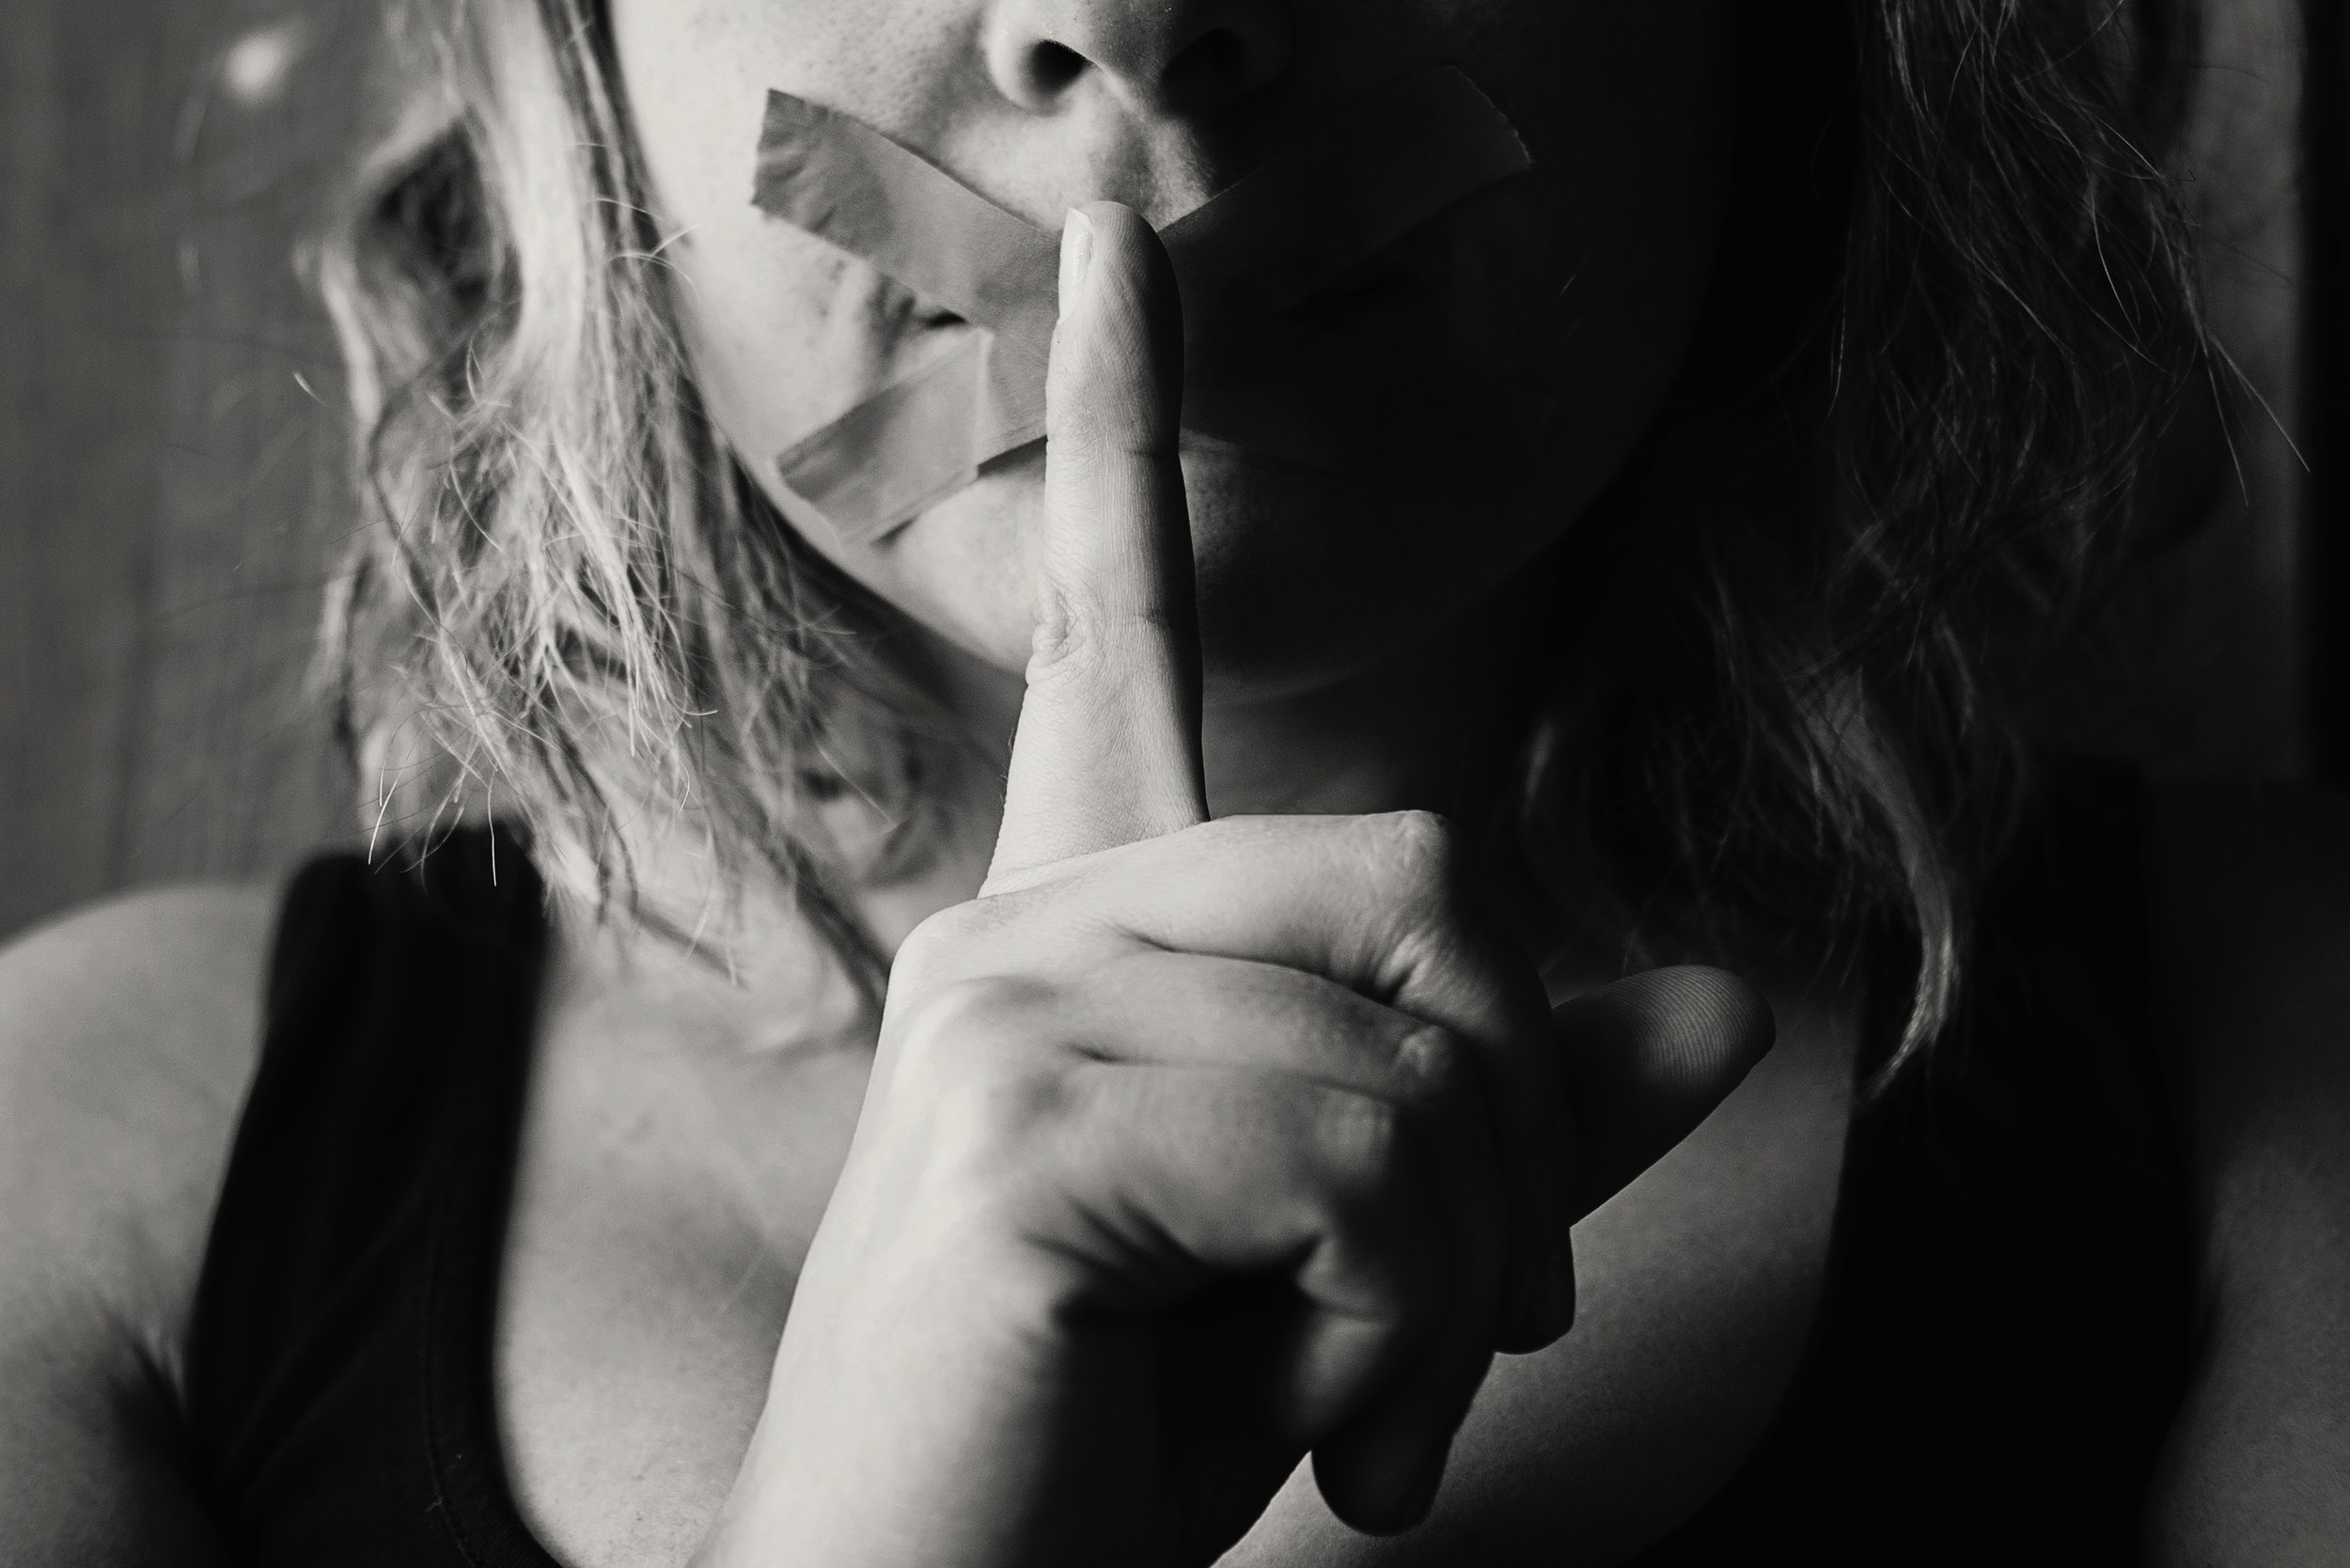 shhhh.jpg